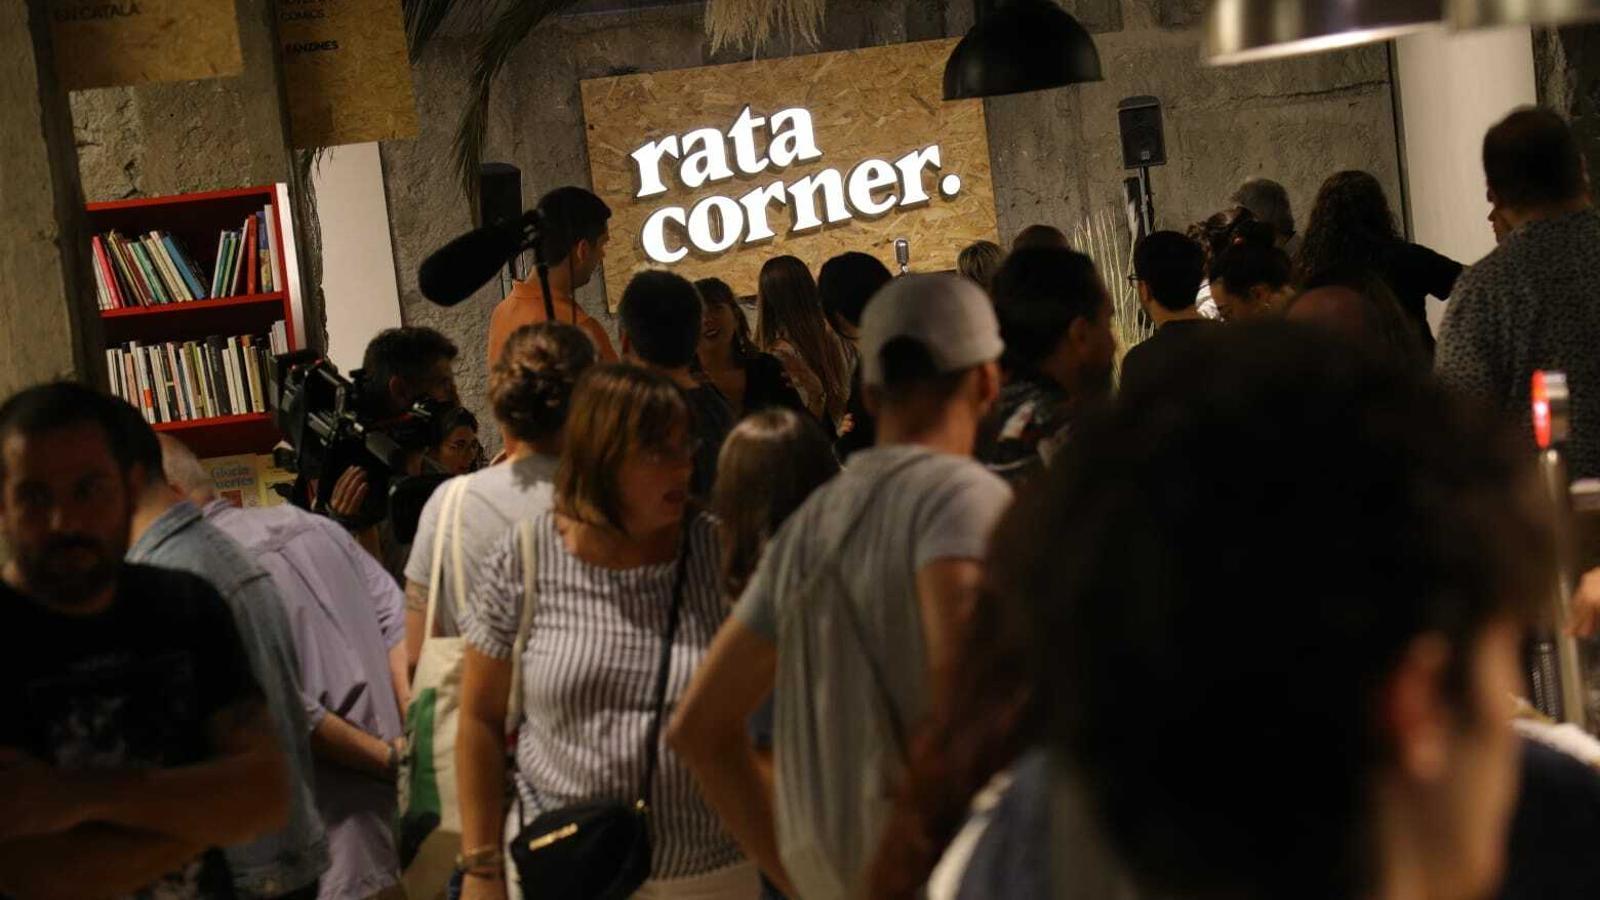 La llibreria Rata Corner estrena nou local però manté l'essència